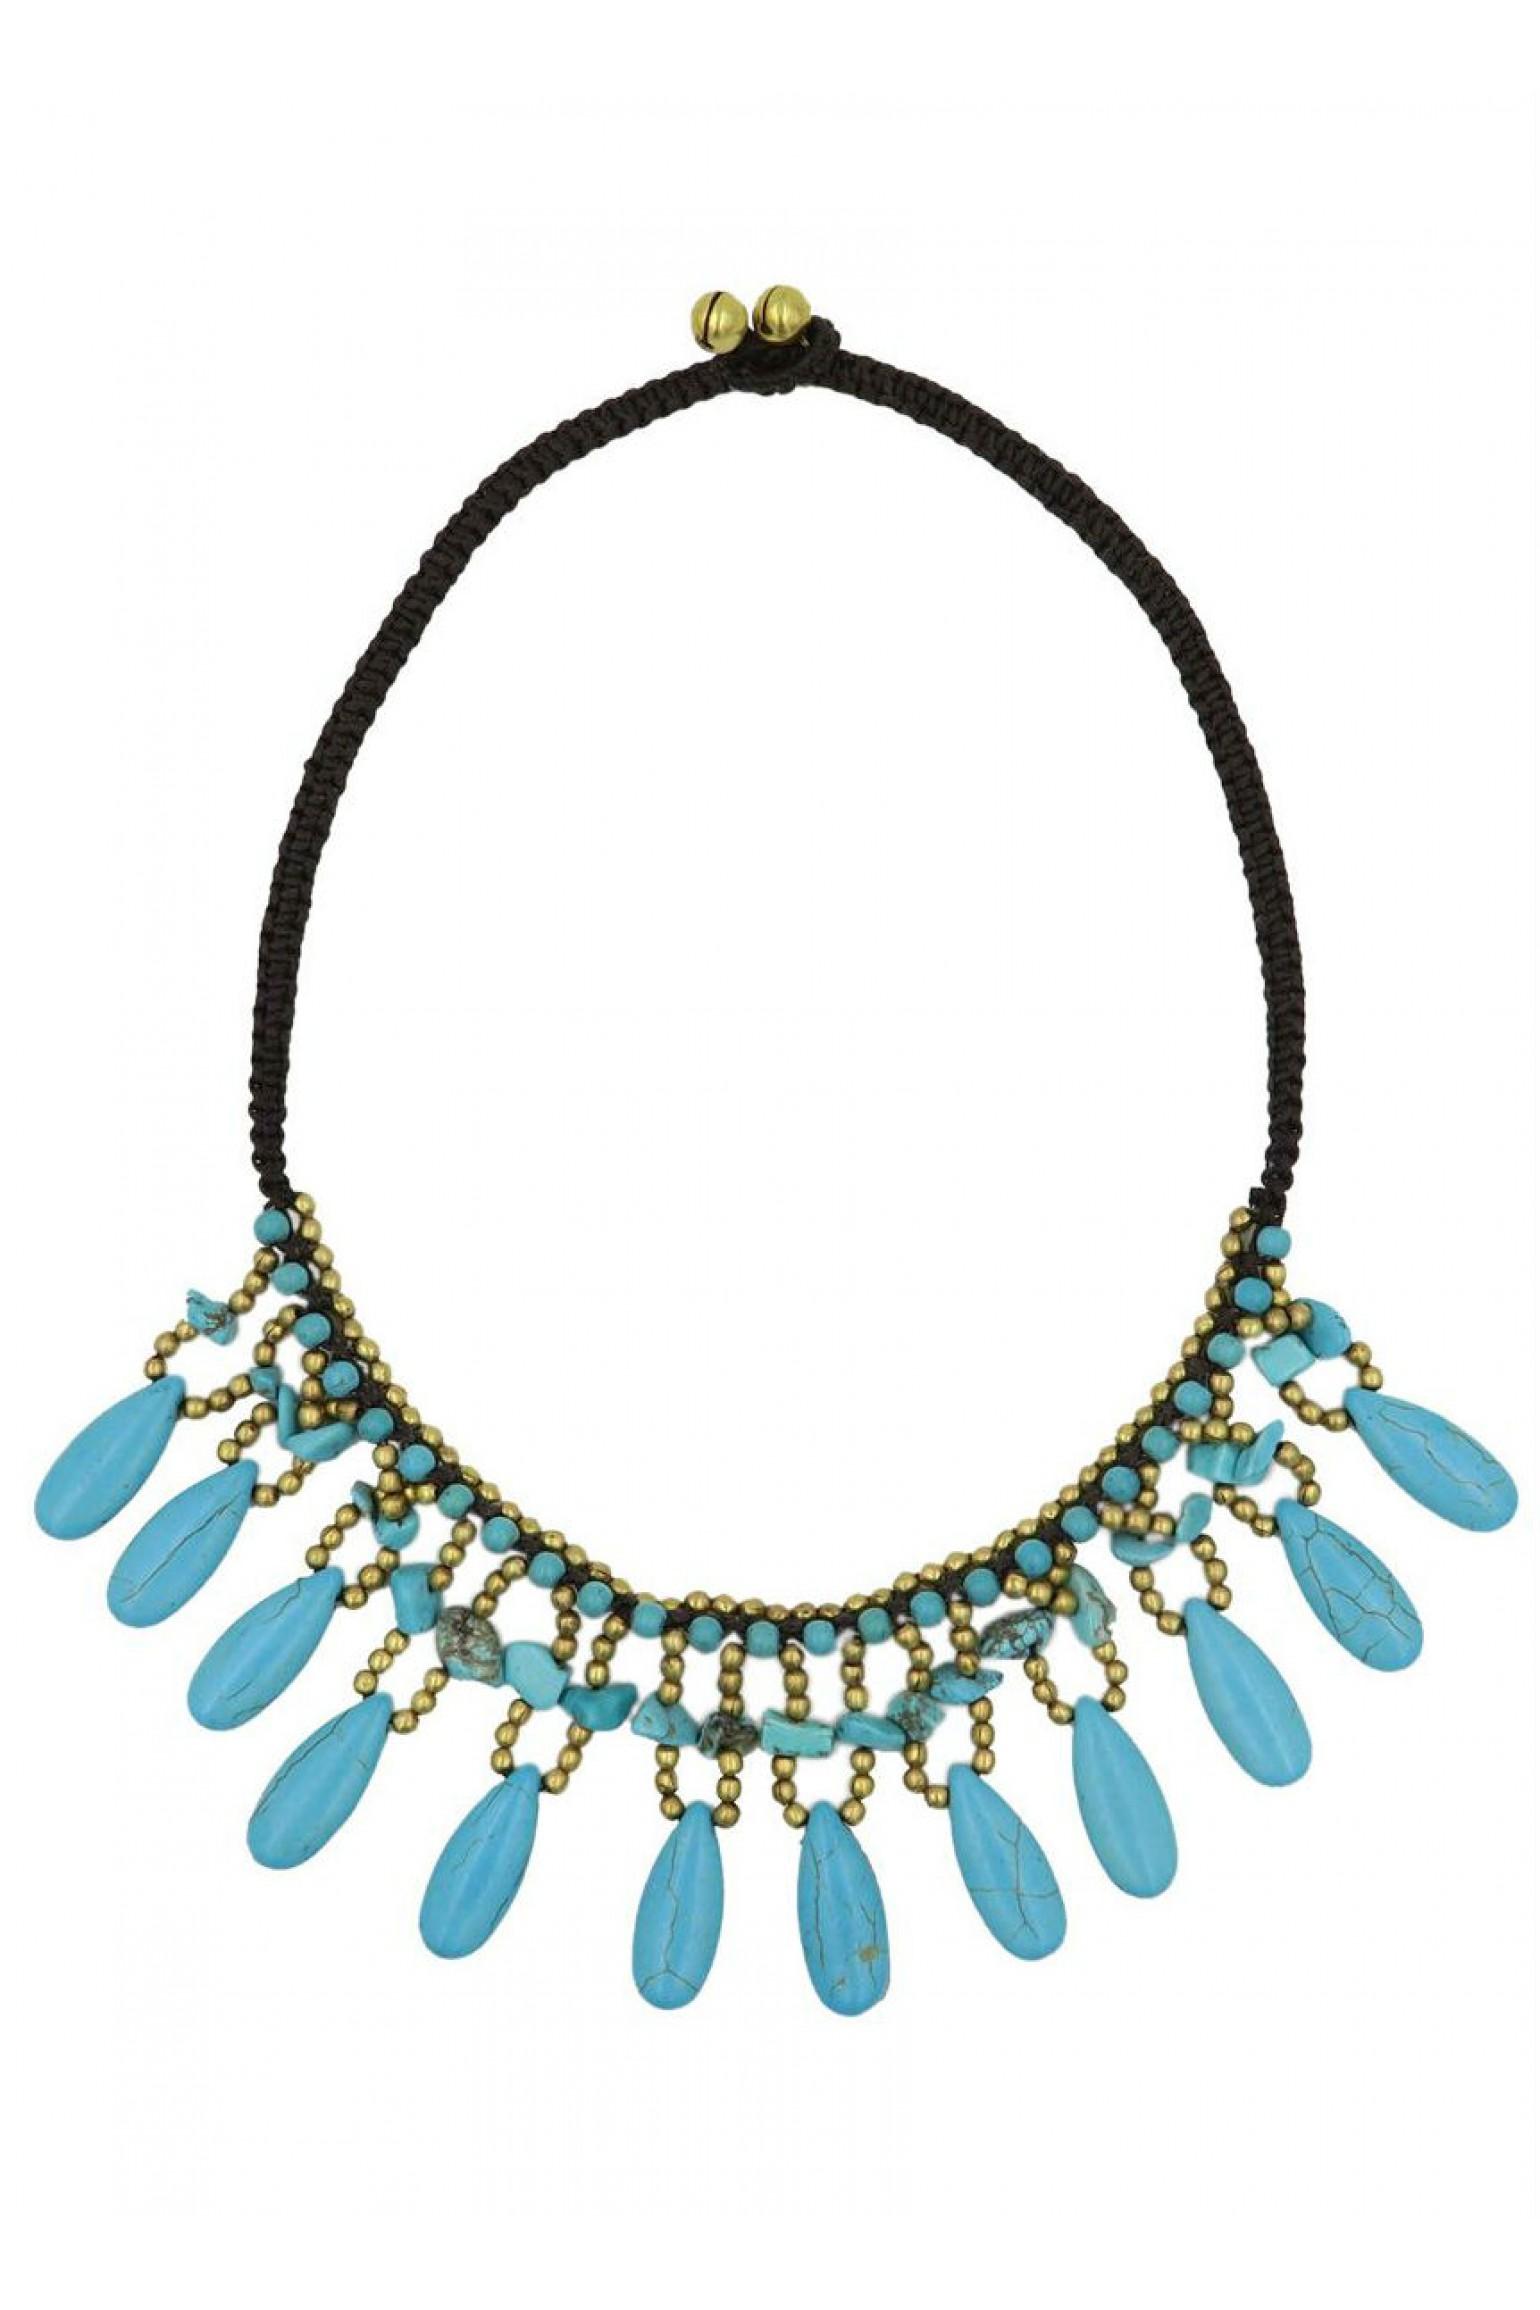 Alilia The Label Colour Me Blue Necklace